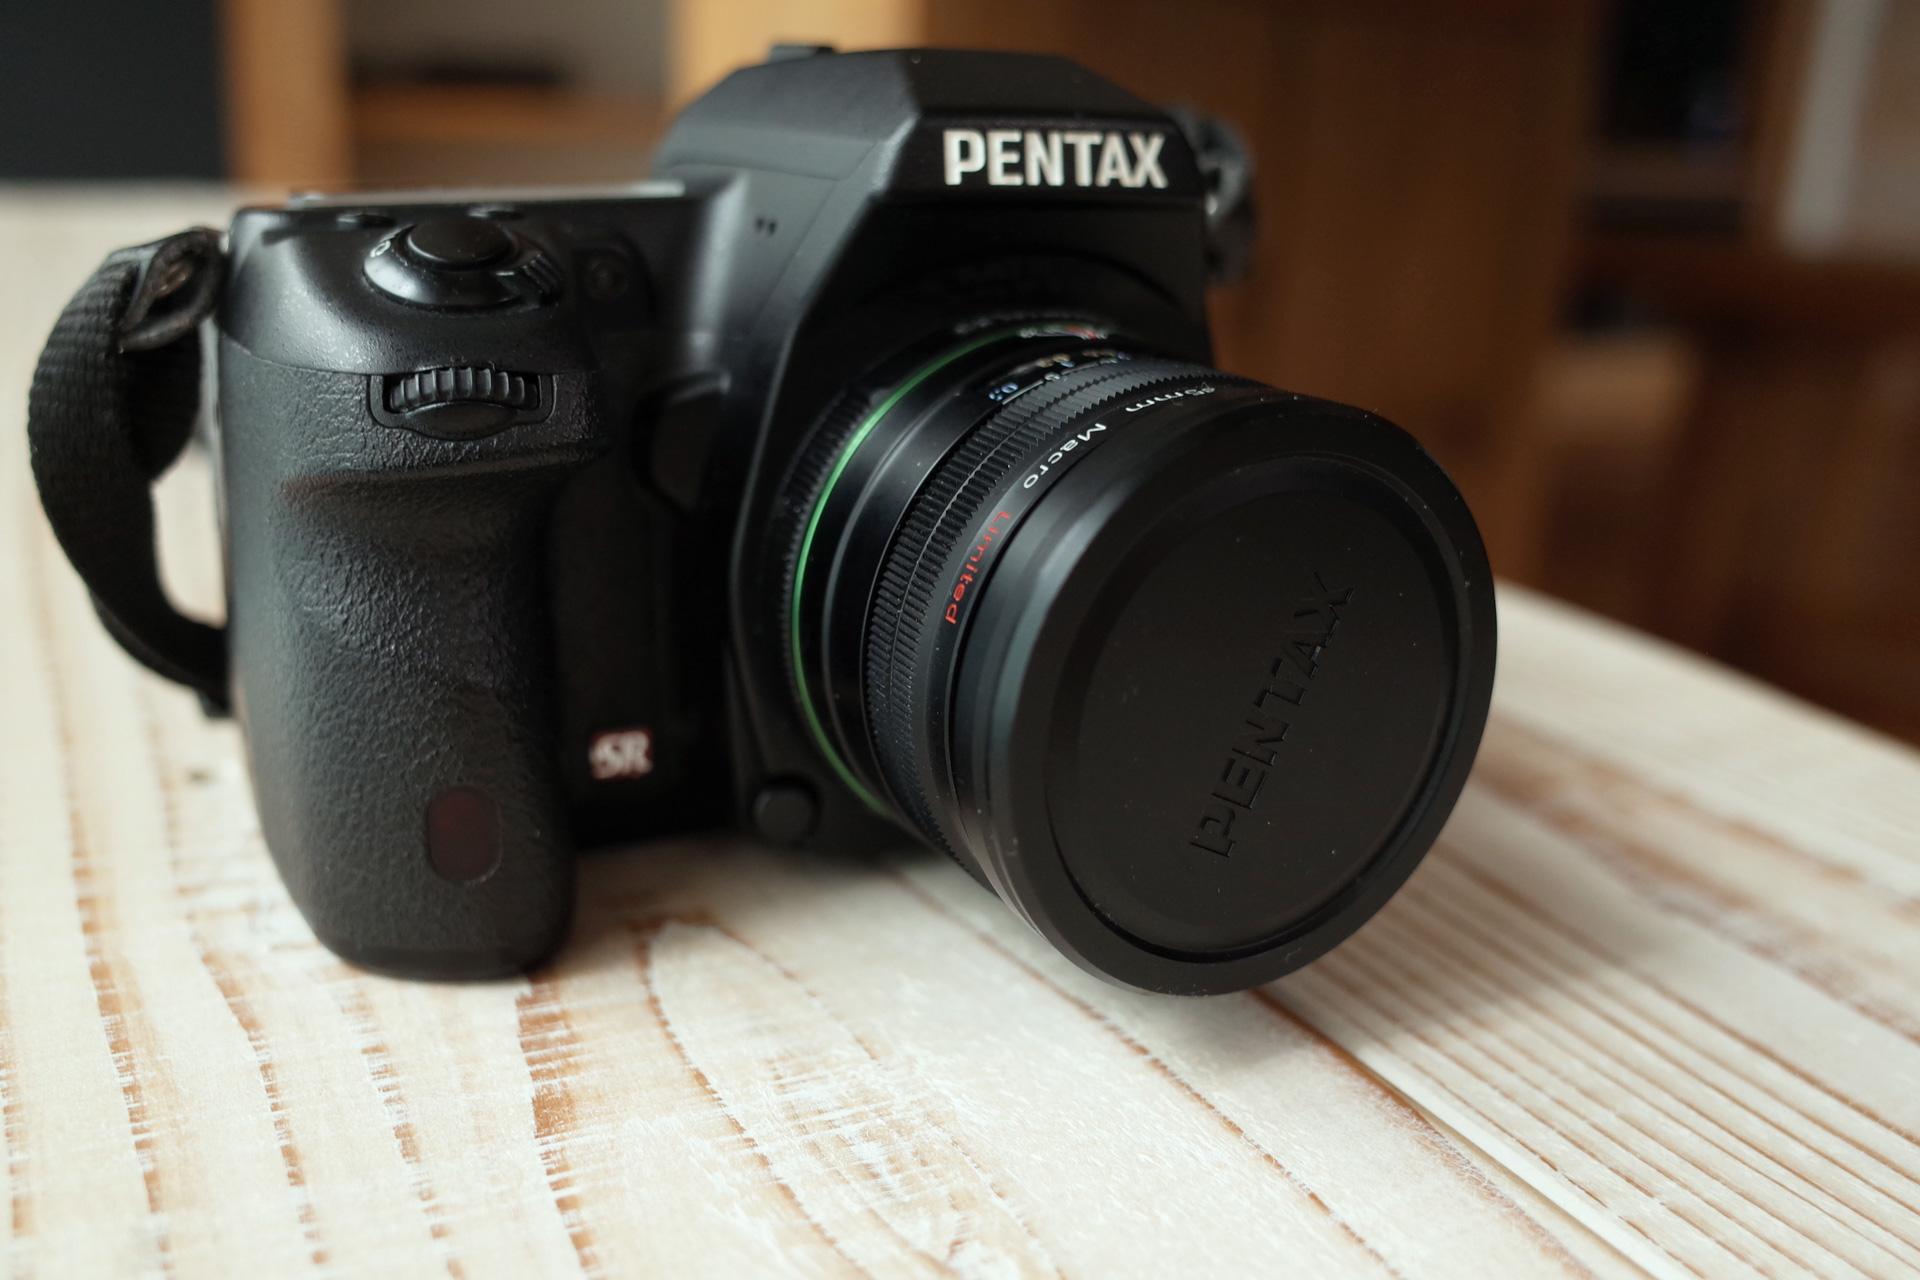 動画撮影に必要なカメラと機材の準備「YouTube動画制作の体験談」